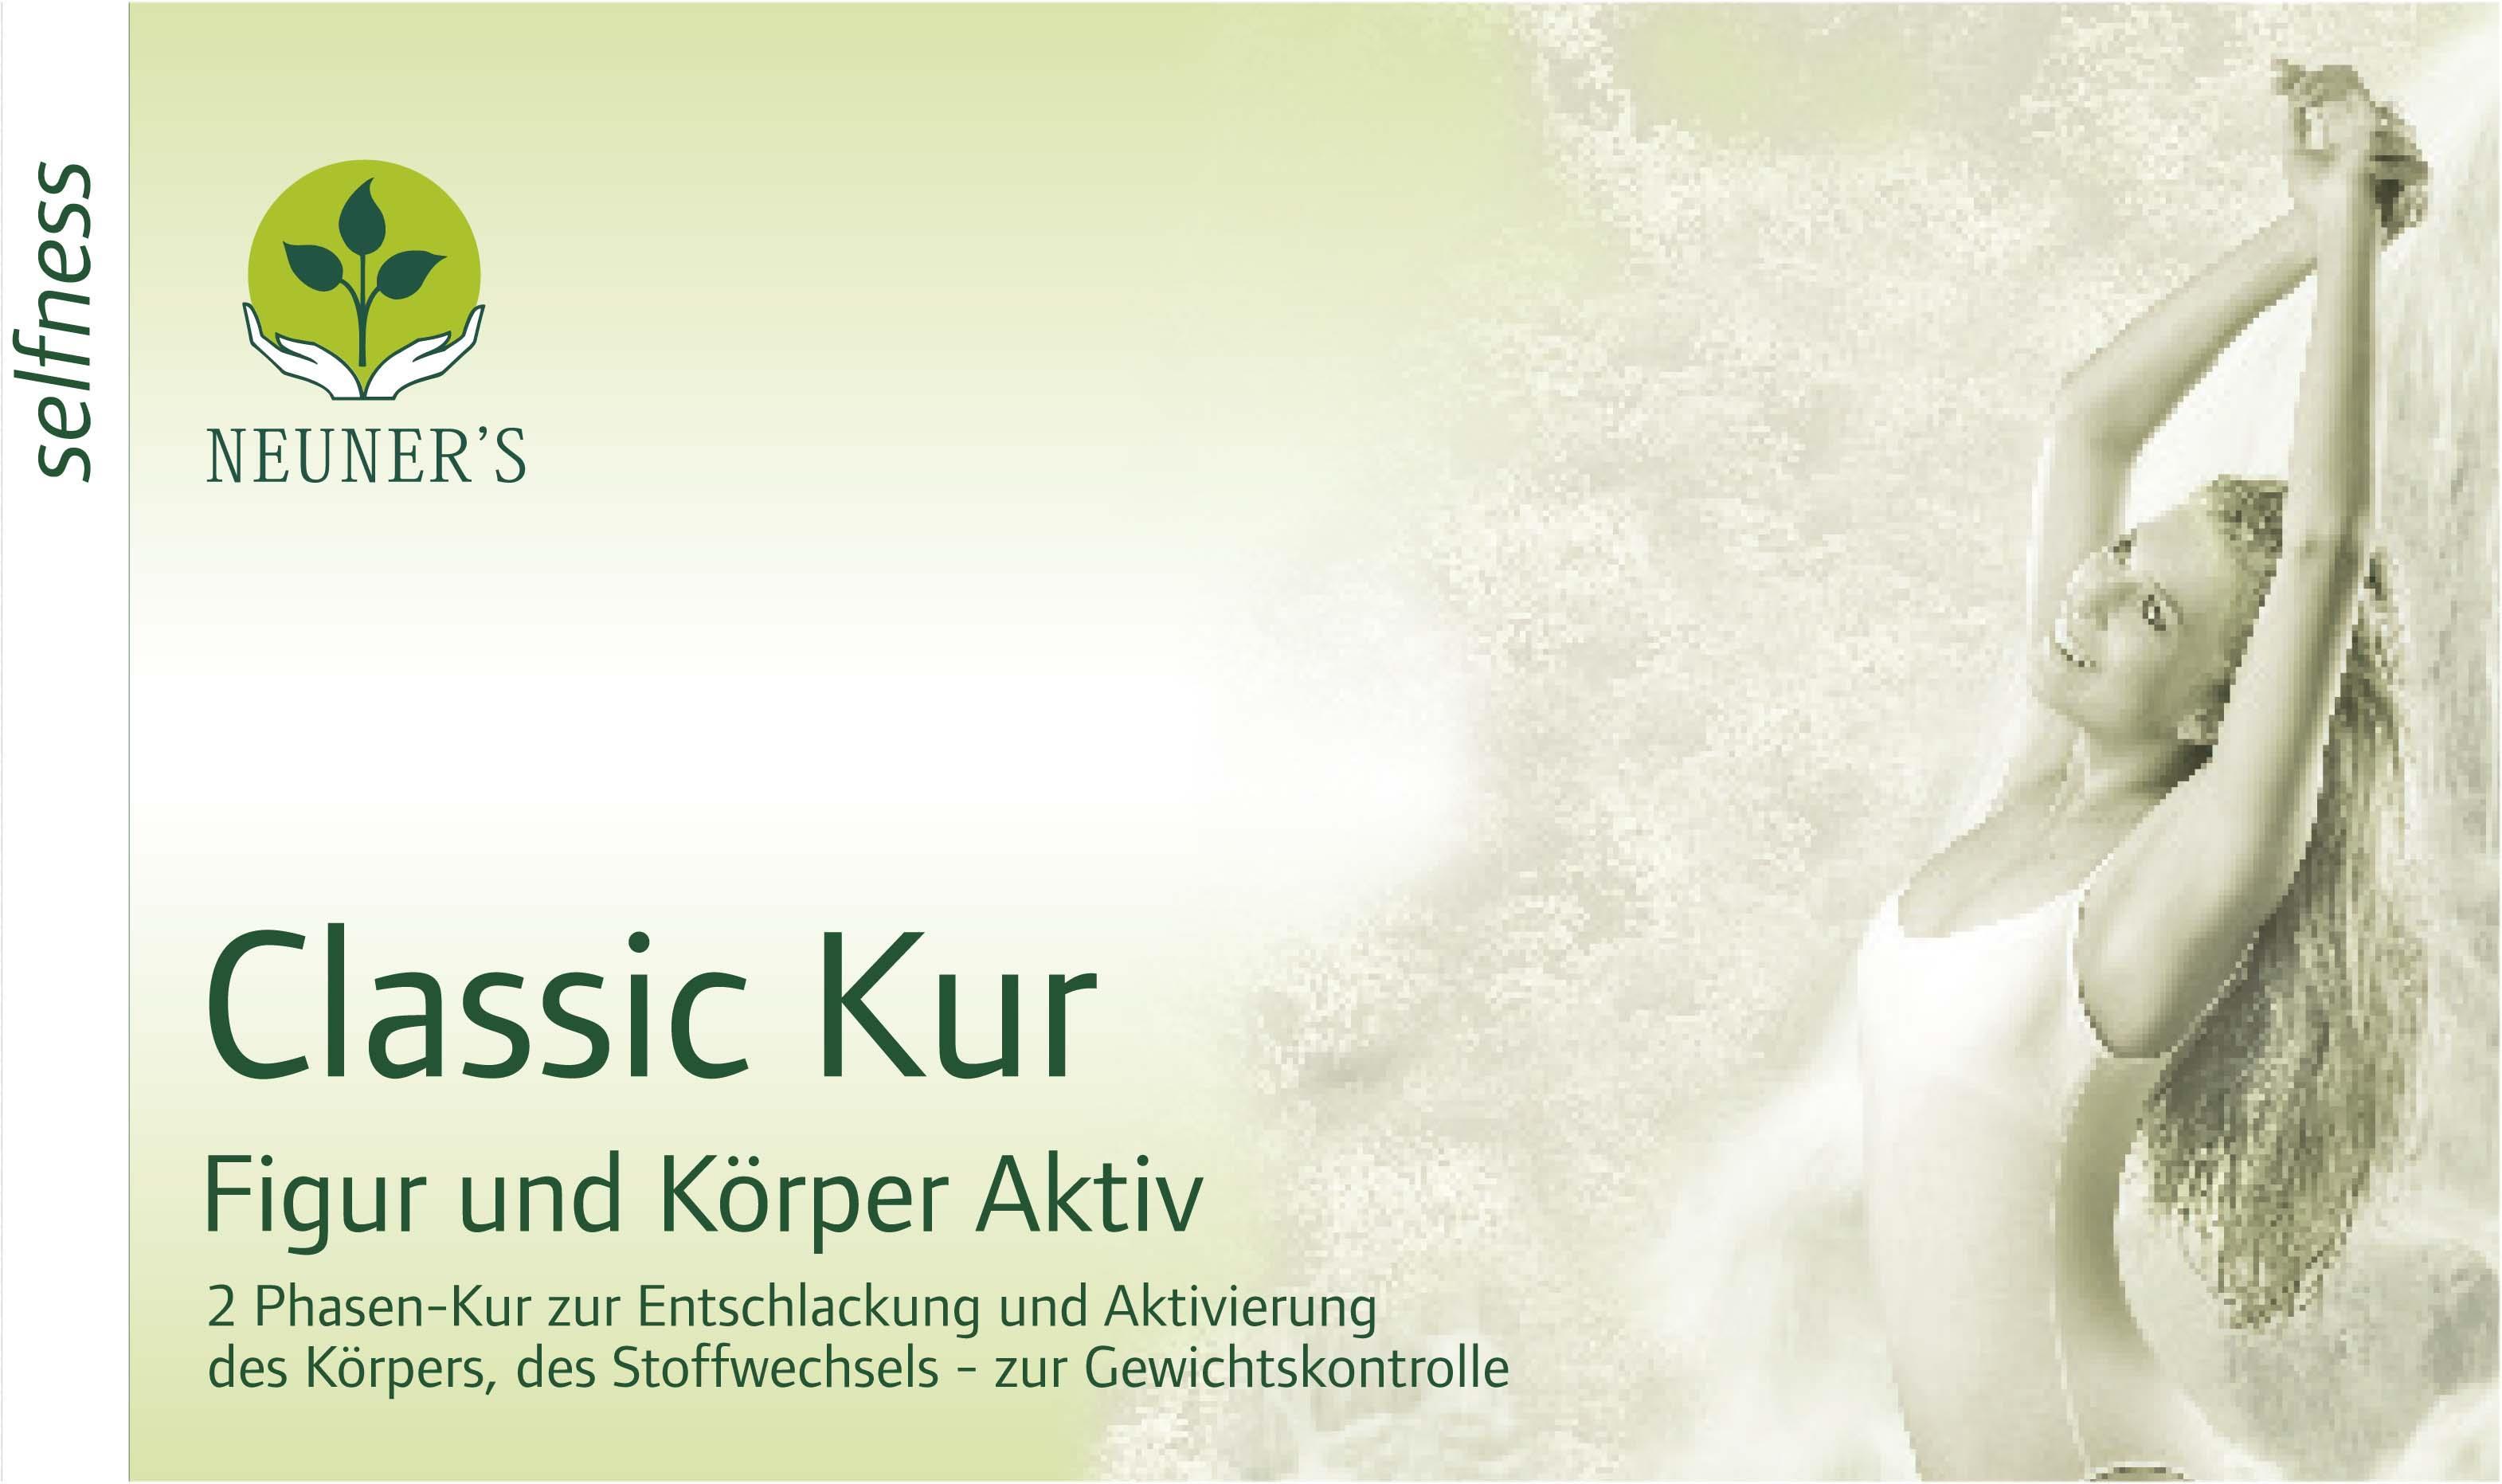 Neuner''s Classic Kur - Figur und Körper Aktiv